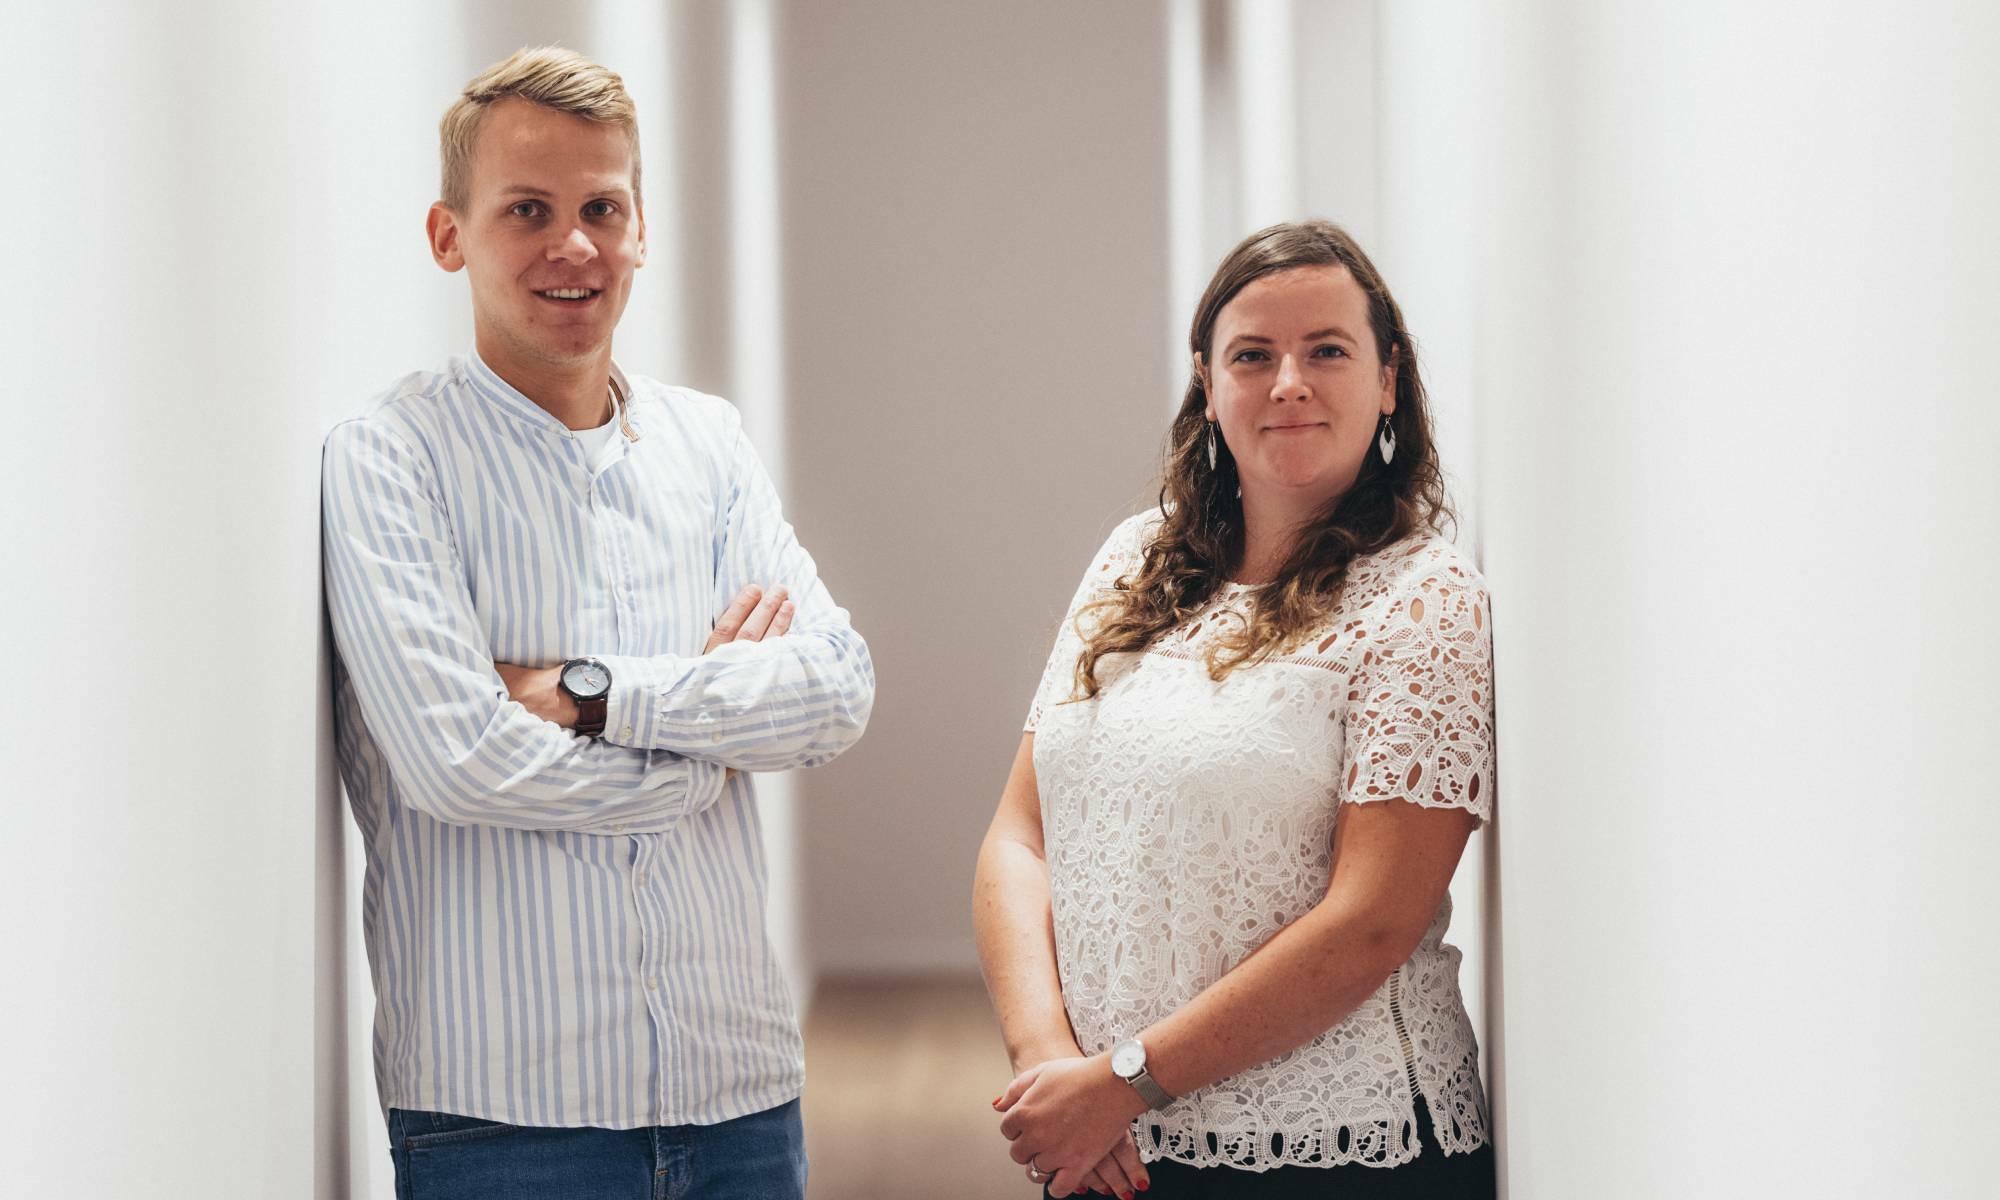 La parole aux collaborateurs de Groep Huyzentruyt: bonjour Audry et Arne